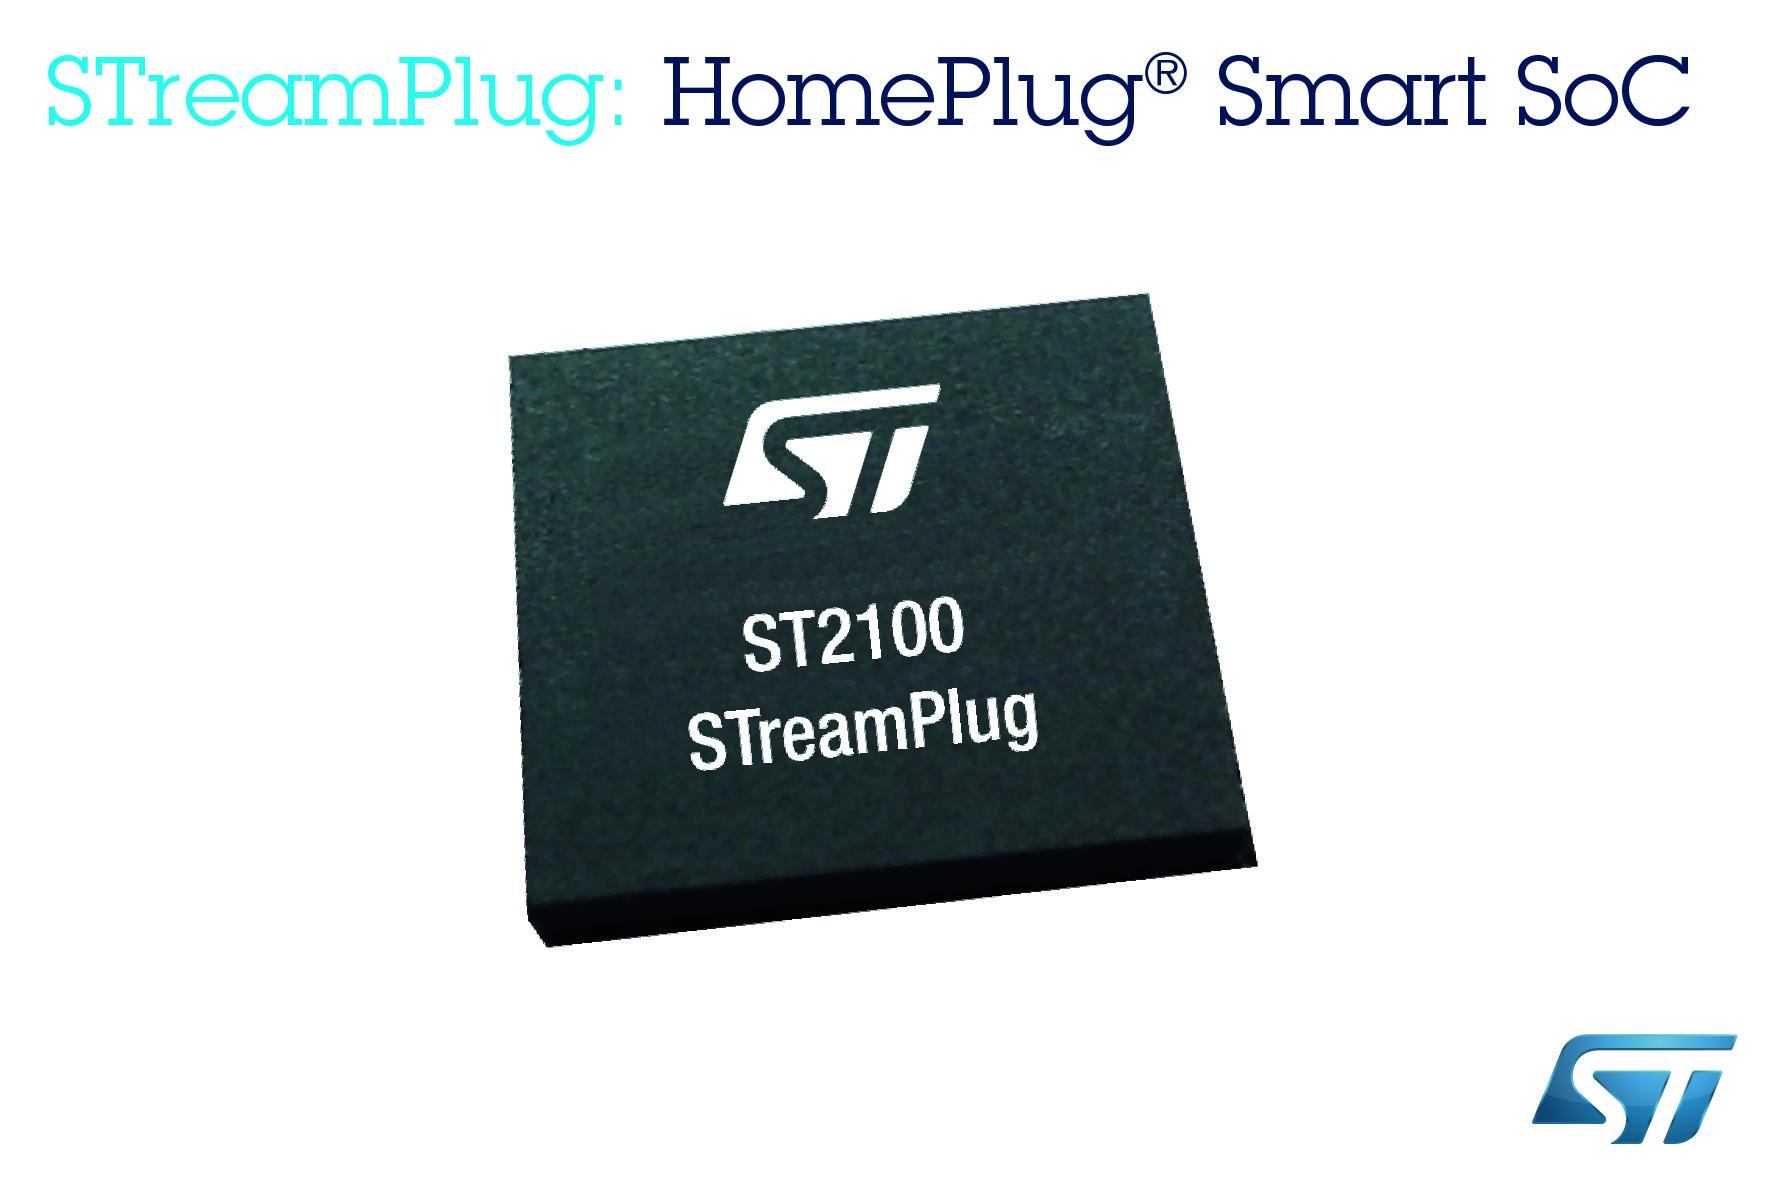 P3478I - STreamPlug ST2100_IMAGE